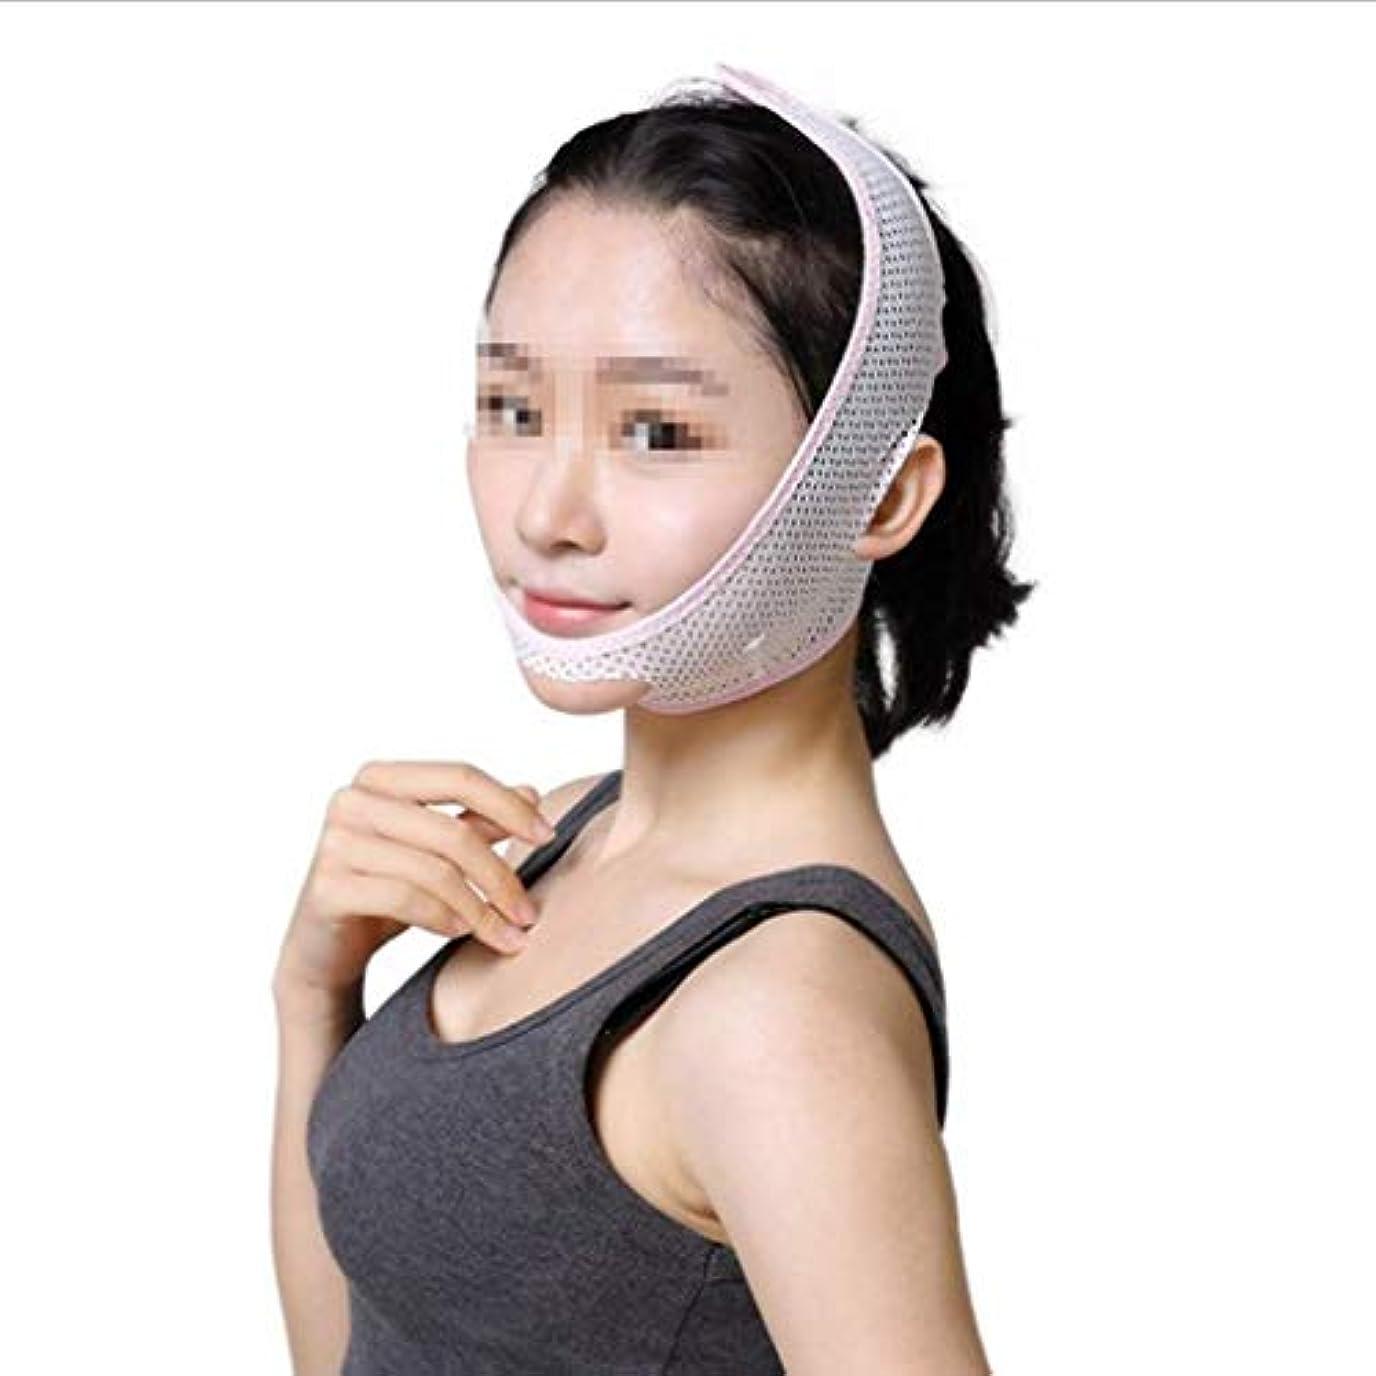 宣言そうでなければドア超薄型通気性フェイスマスク、包帯Vフェイスマスクフェイスリフティングファーミングダブルチンシンフェイスベルト(サイズ:L)